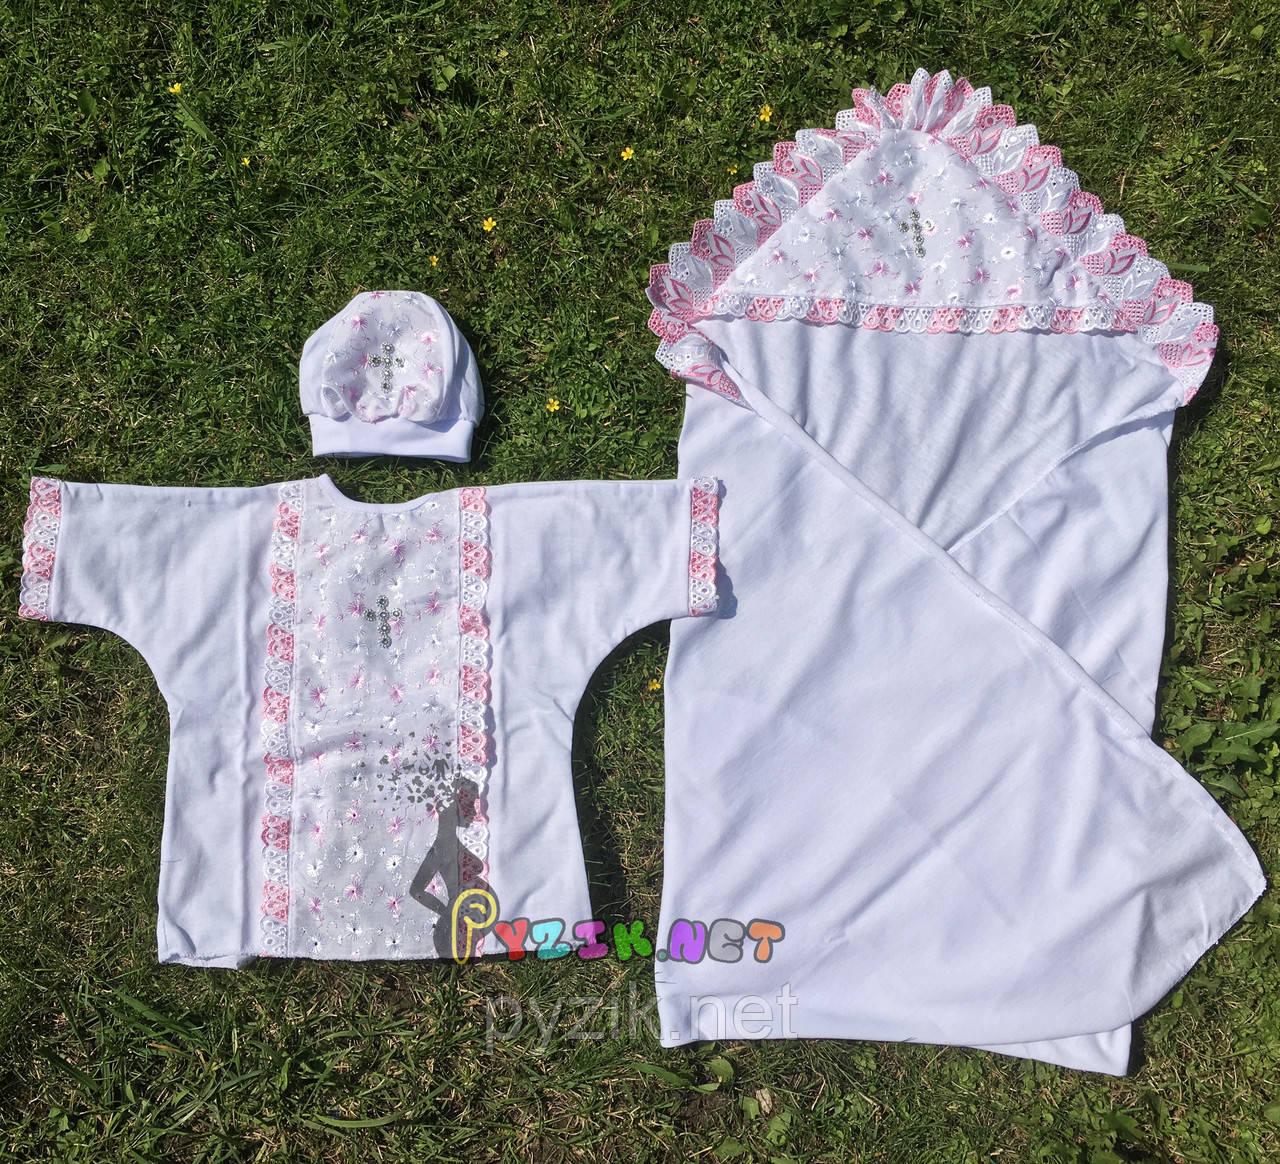 Набор для крещения белый, розовые рюшки (крыжма+рубашка на завязочках+чепчик с крестиком)